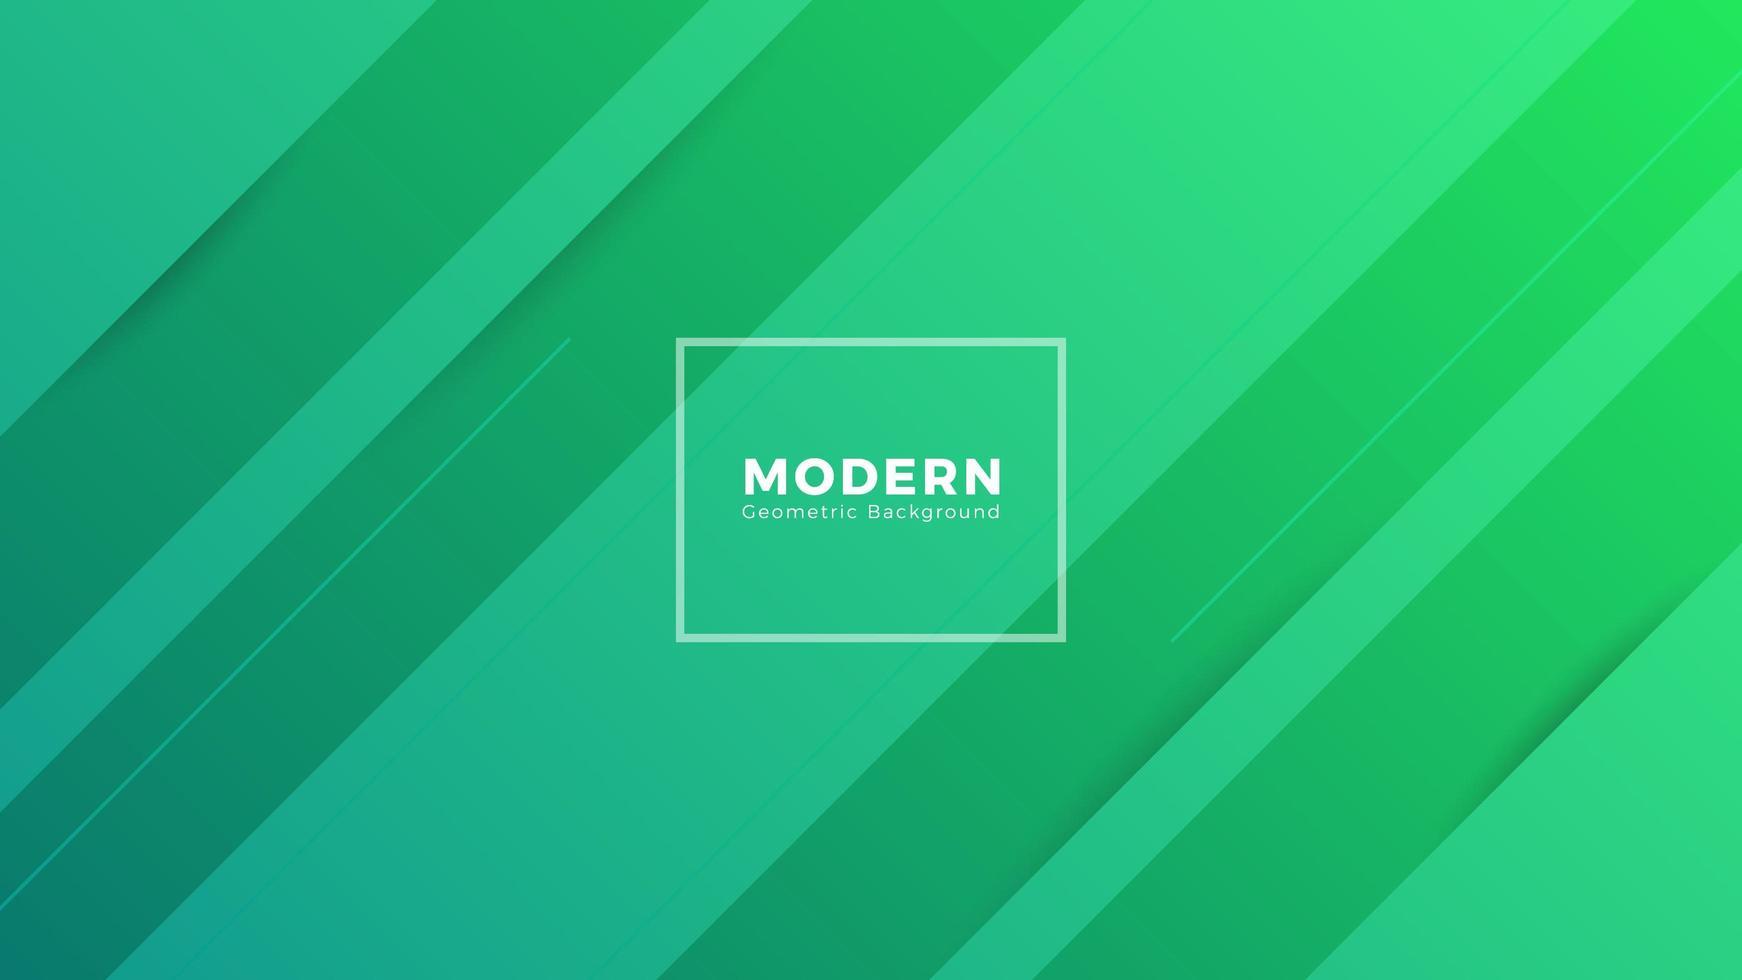 progettazione moderna astratta verde del fondo vettore